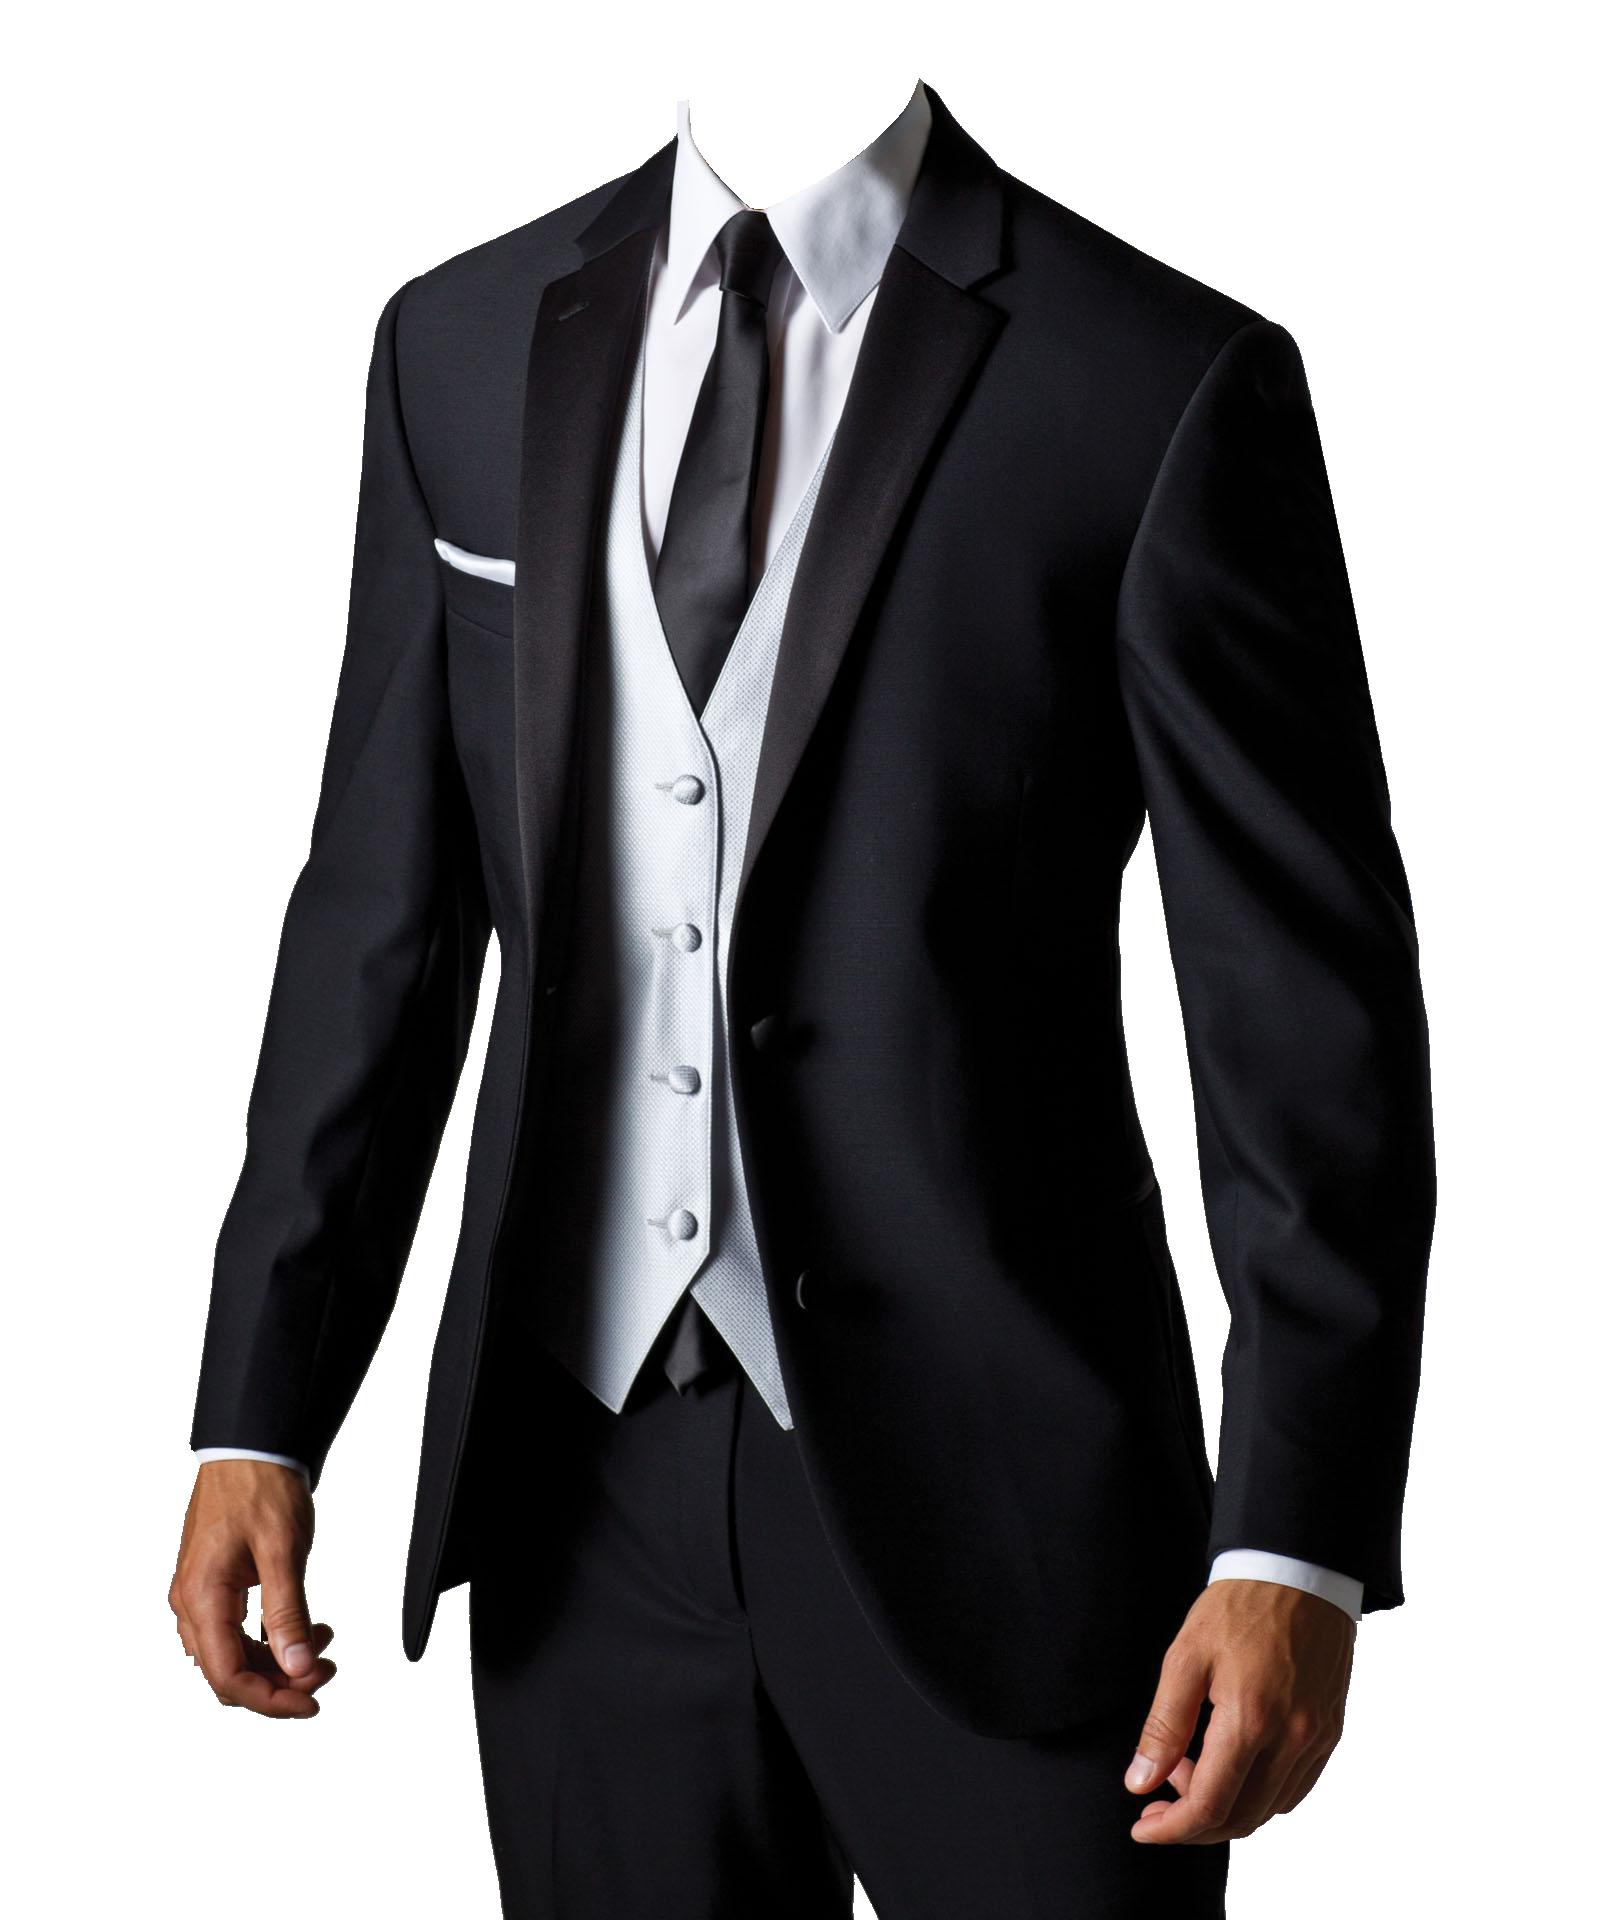 Suit clipart suit vest. Png image purepng free